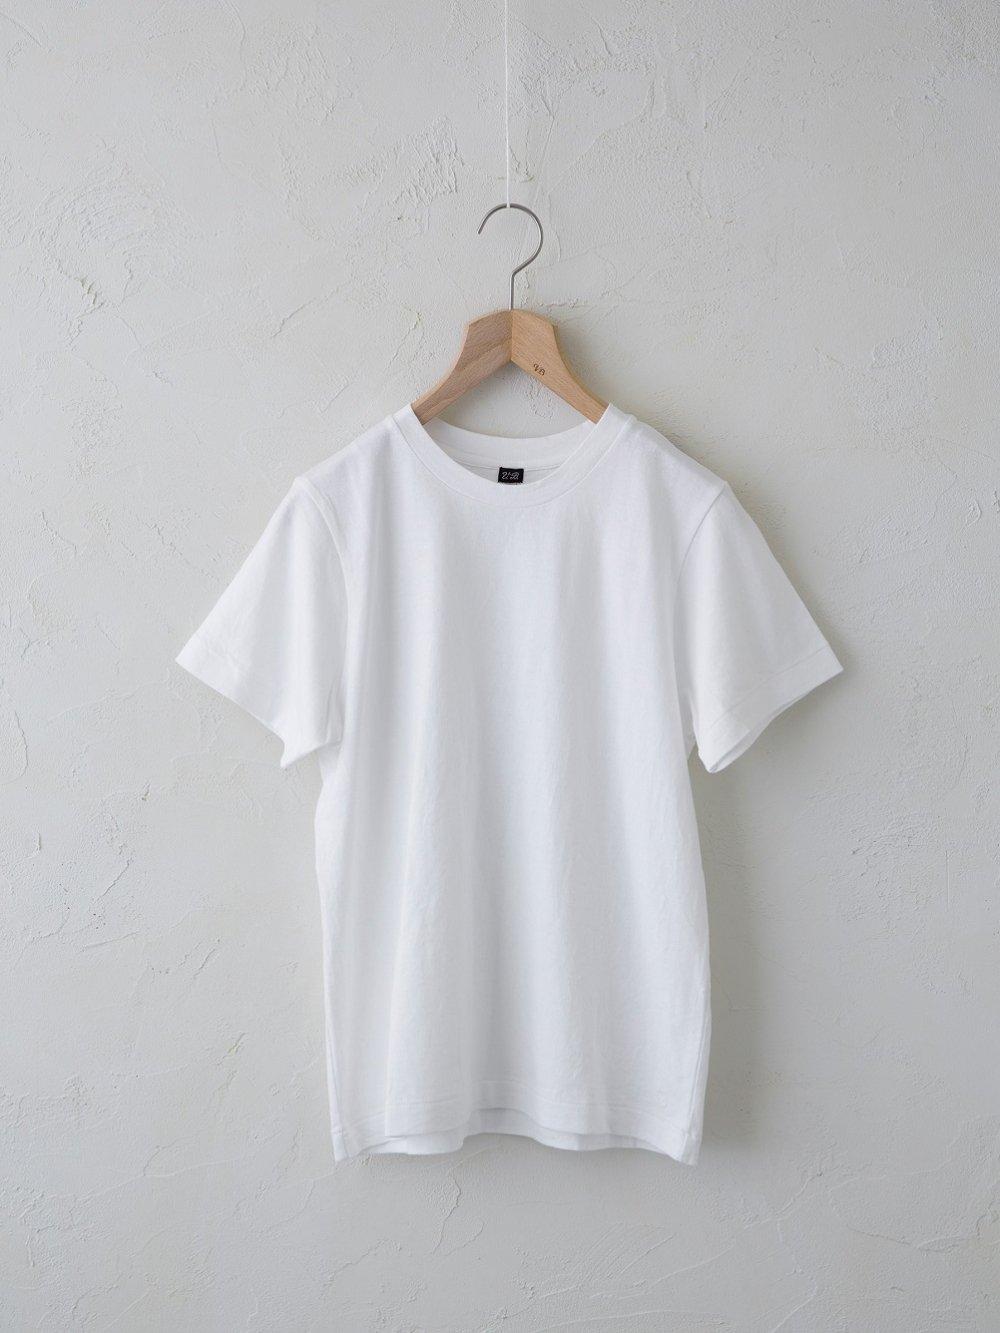 & 12 Linen(天竺)半袖Tシャツ -standard-(Ladies' & Men's)